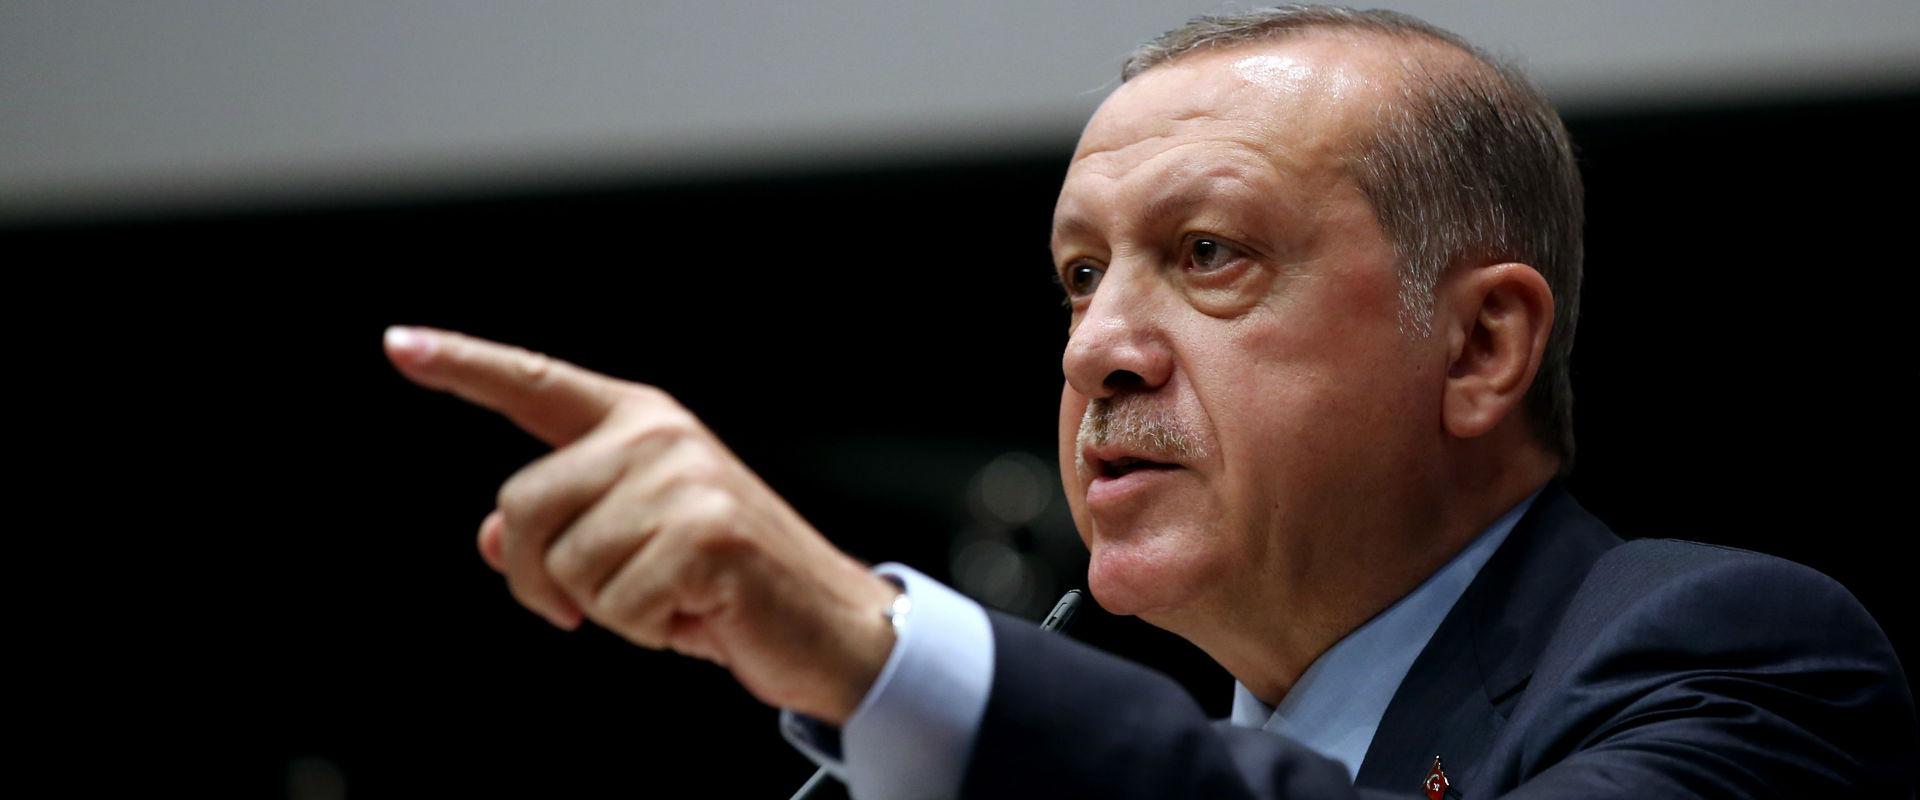 נשיא טורקיה רג'פ טייפ ארדואן